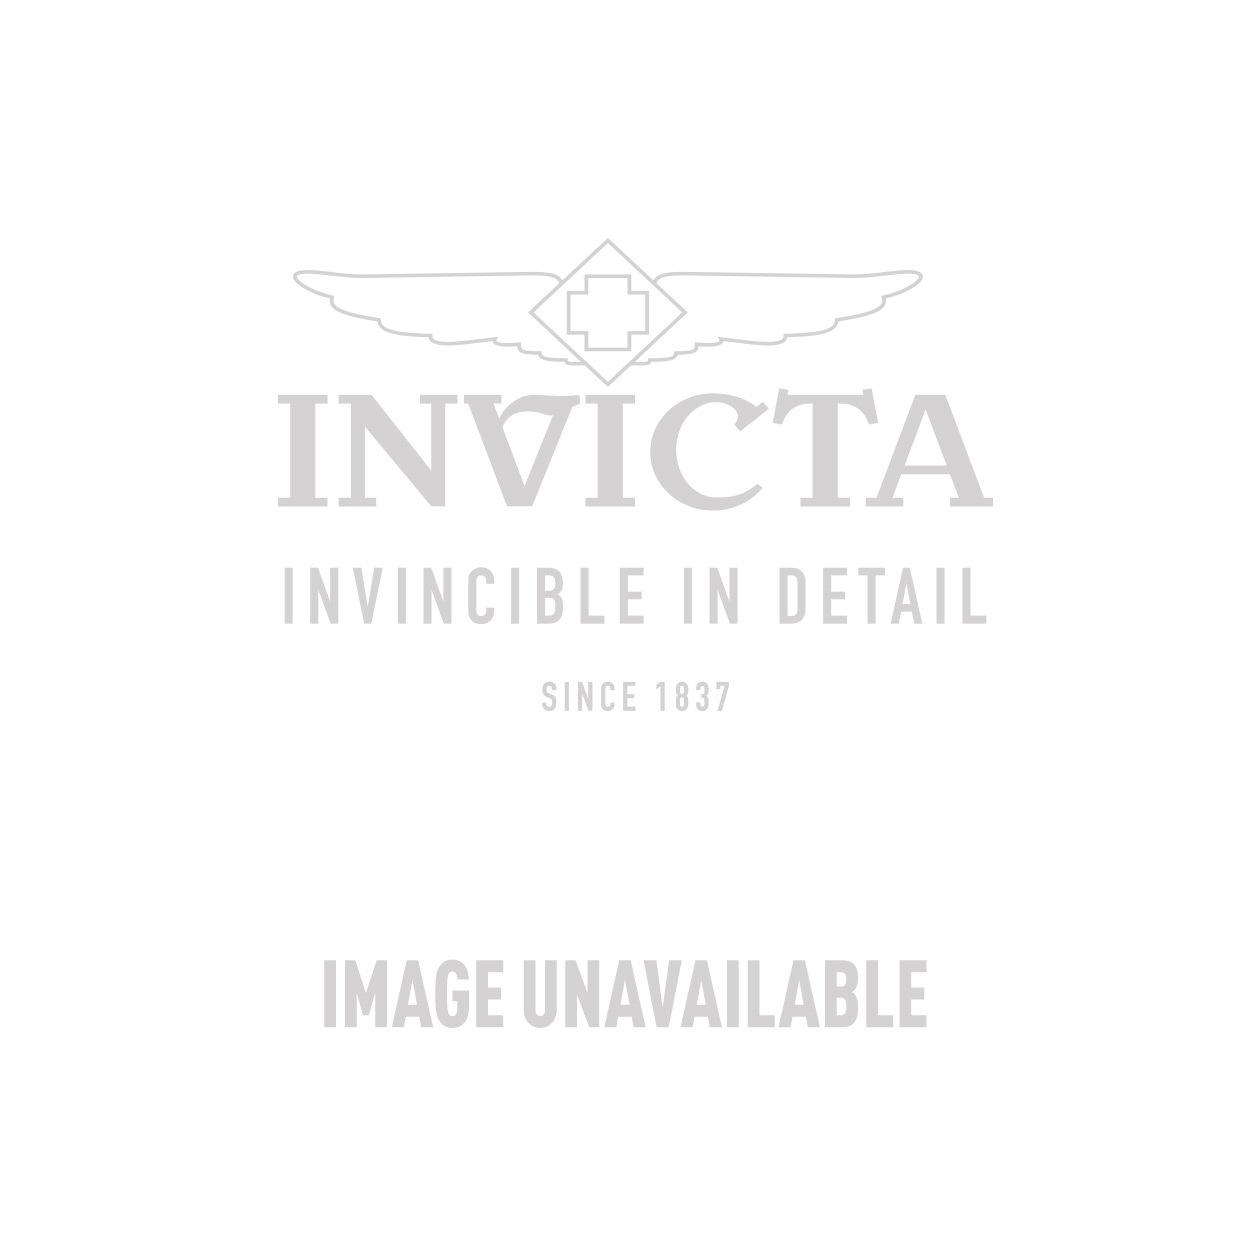 Invicta Model 27733